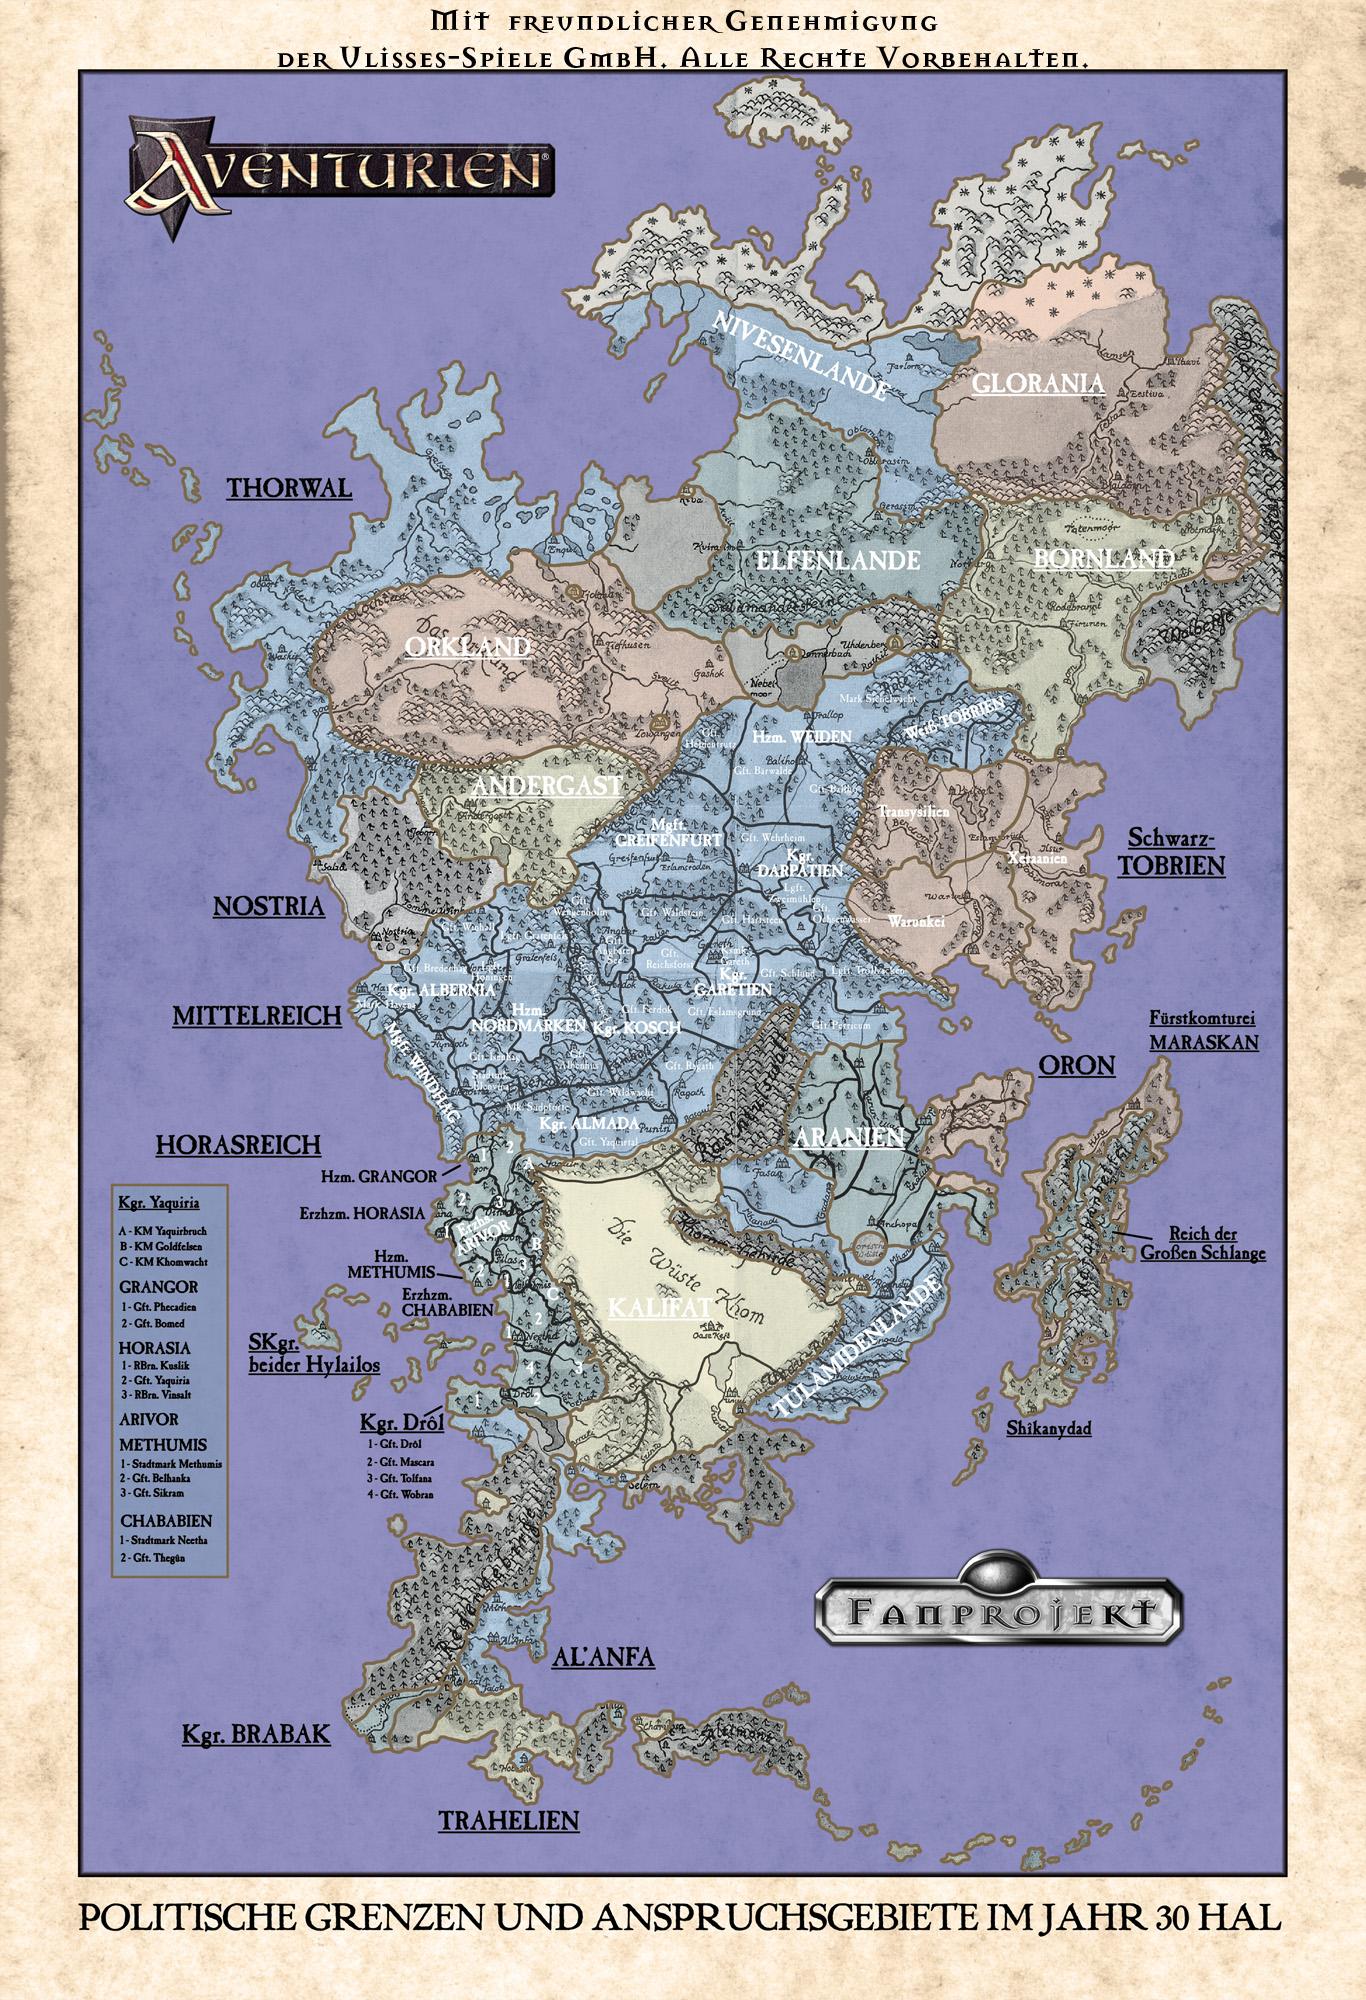 Politische Grenzen und Anspruchsgebiete im Jahr 30 HAL